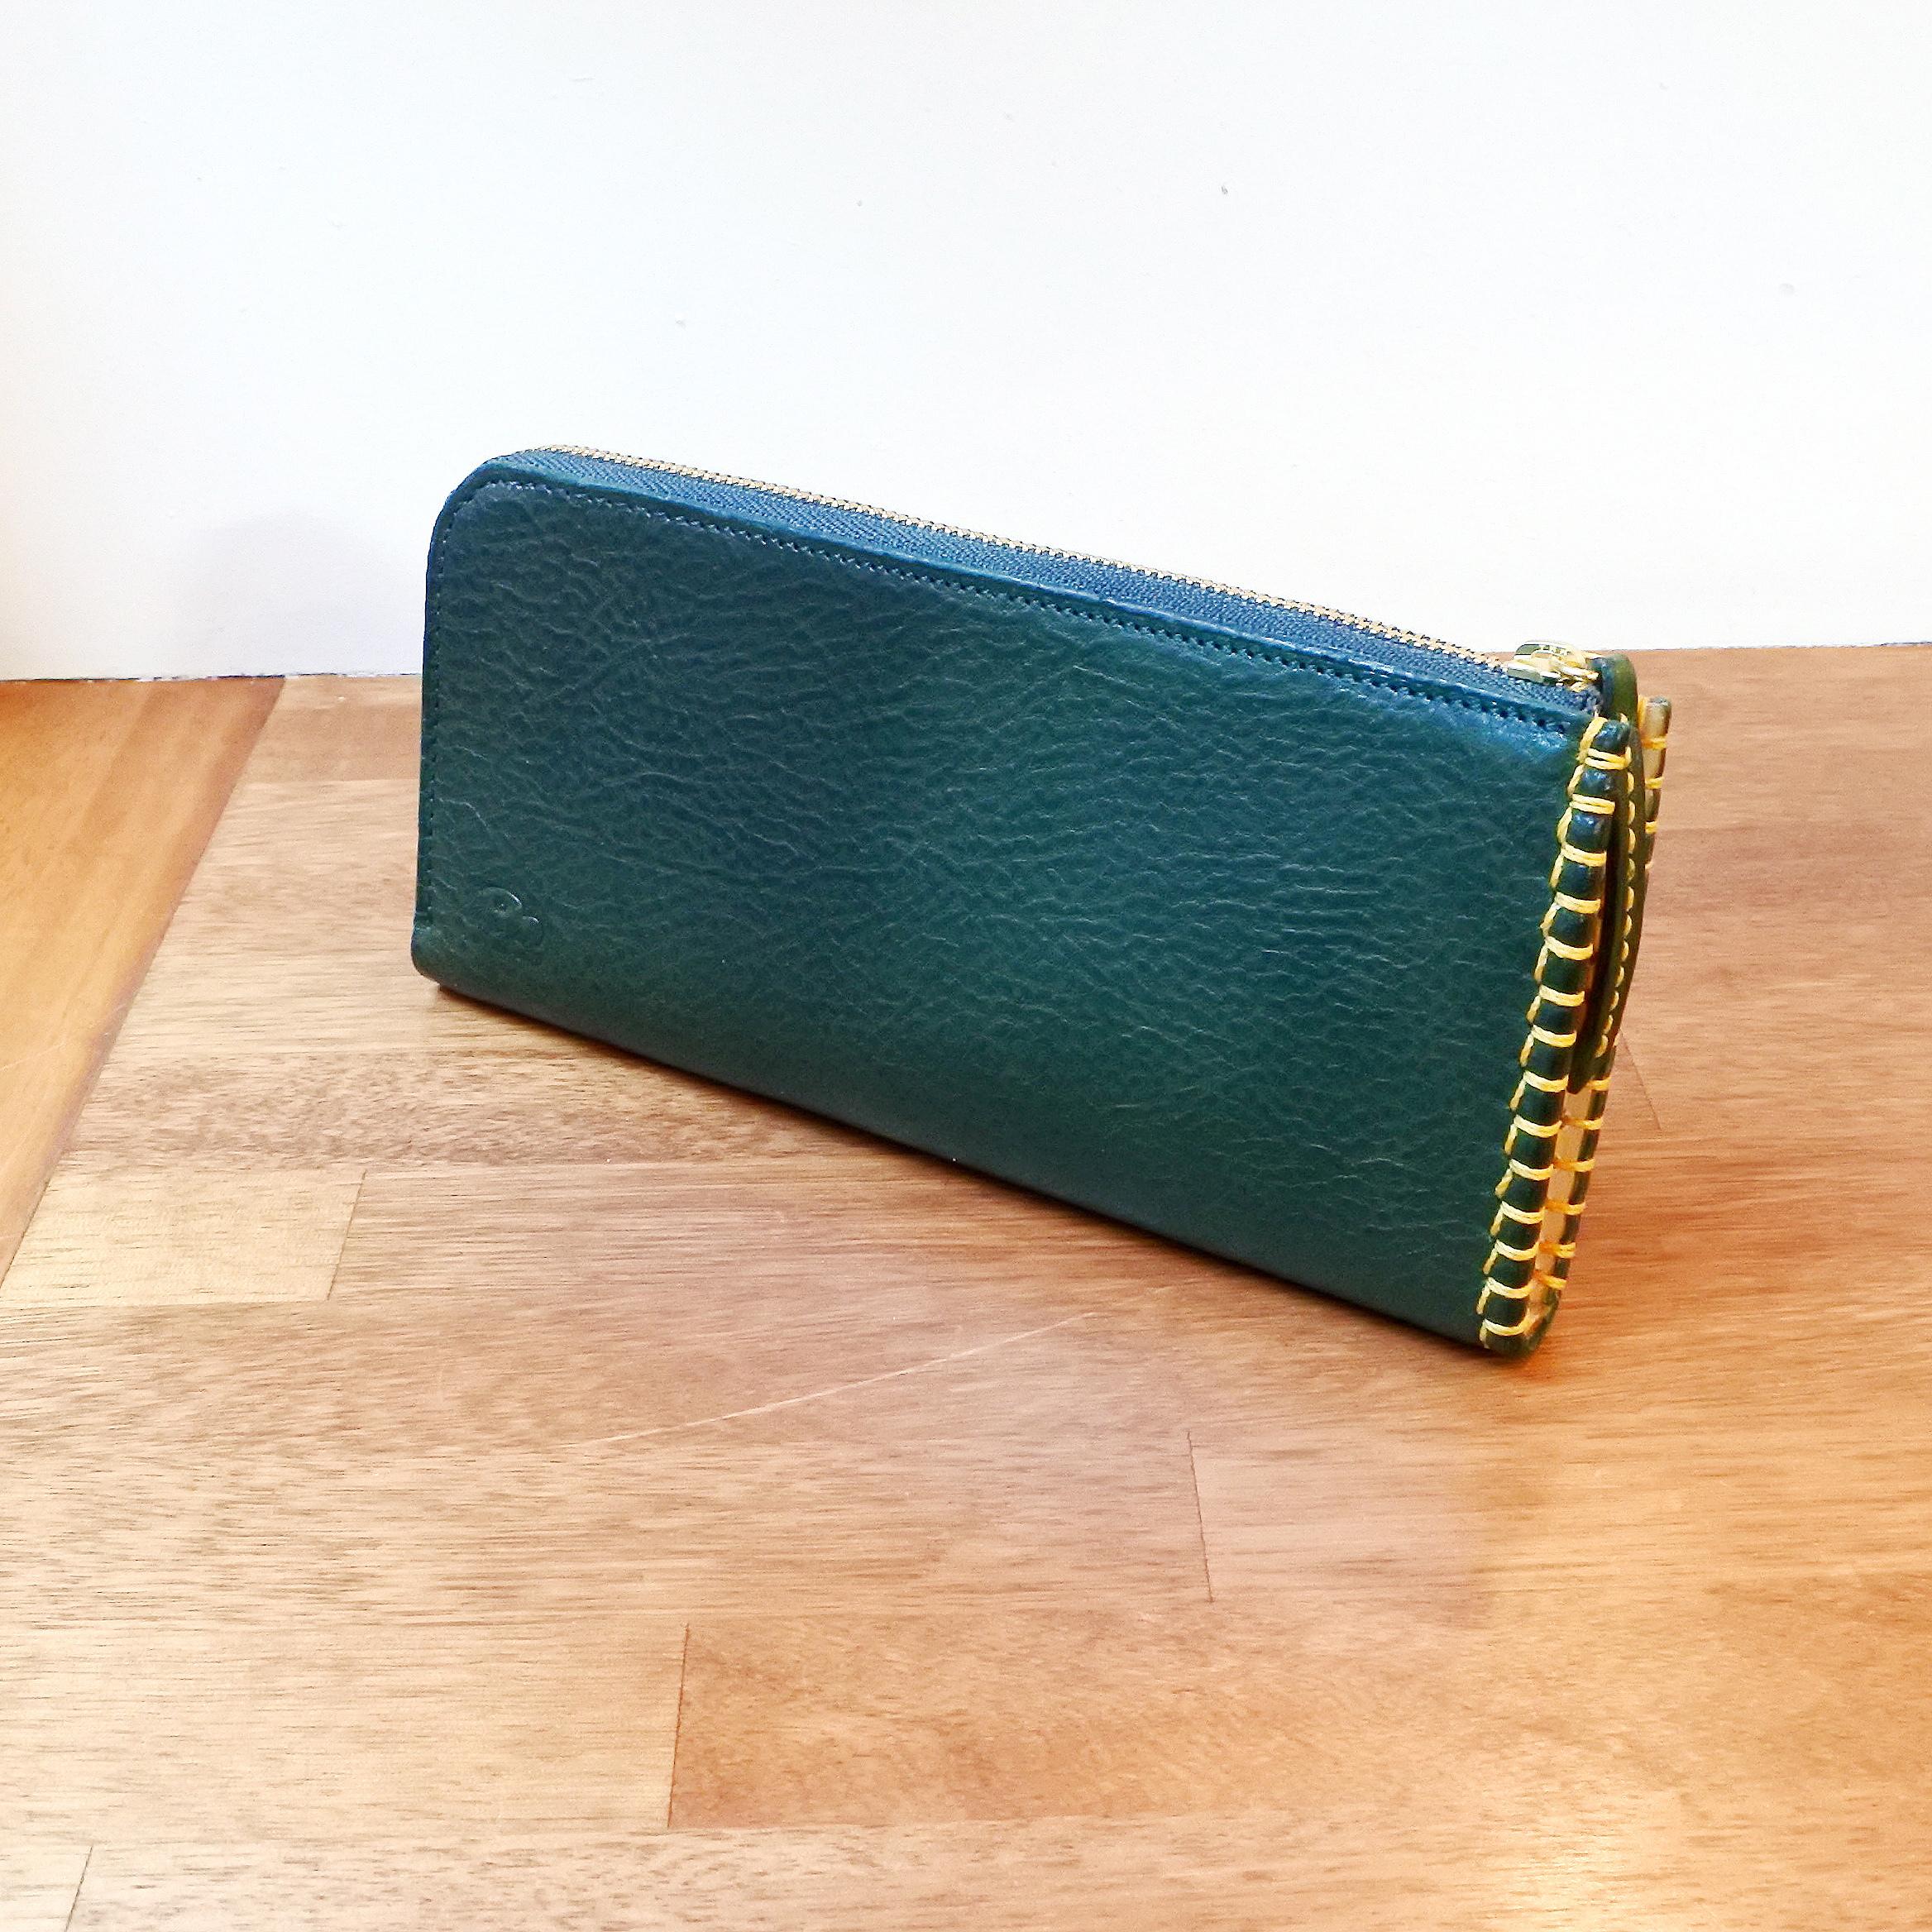 革と糸が選べるオーダーメイドL字ファスナースリム長財布(革:VACCHETTA800/バケッタ800・モスグリーン)